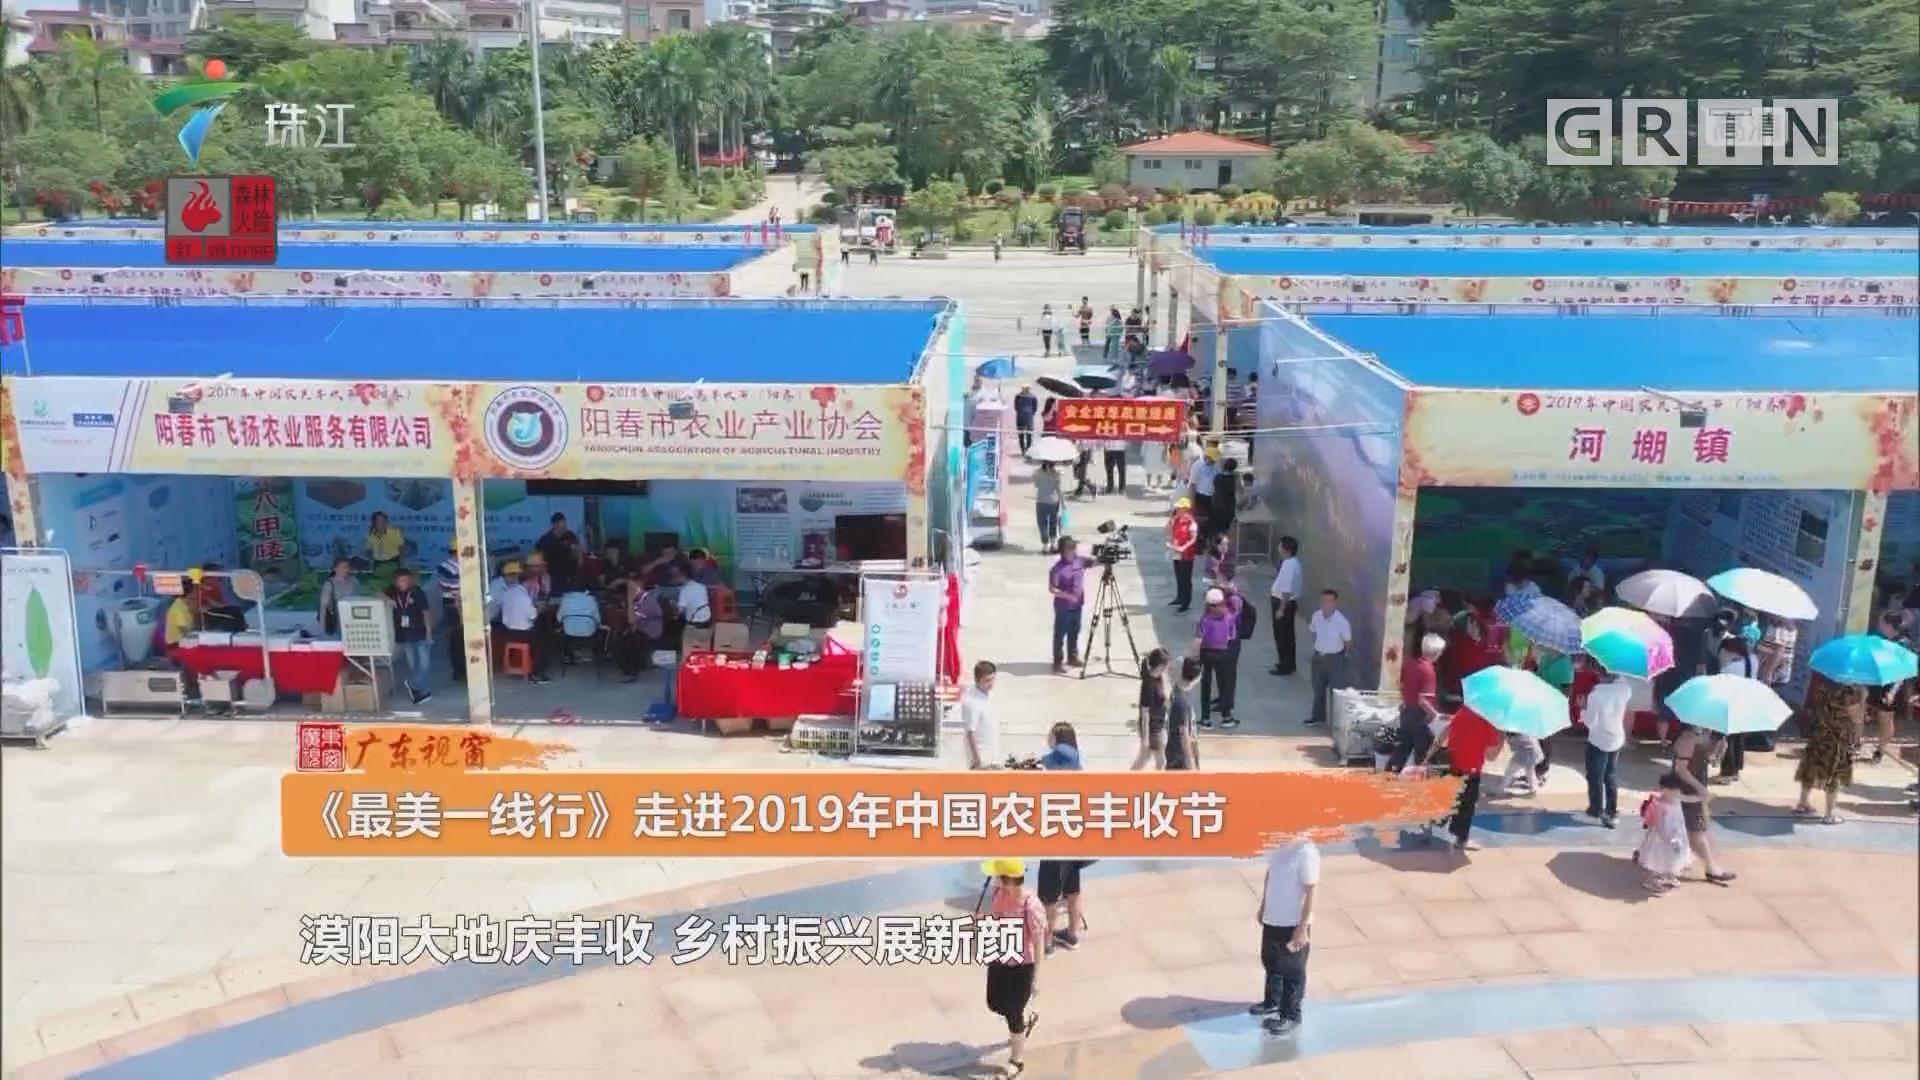 《最美一线行》走进2019年中国农民丰收节